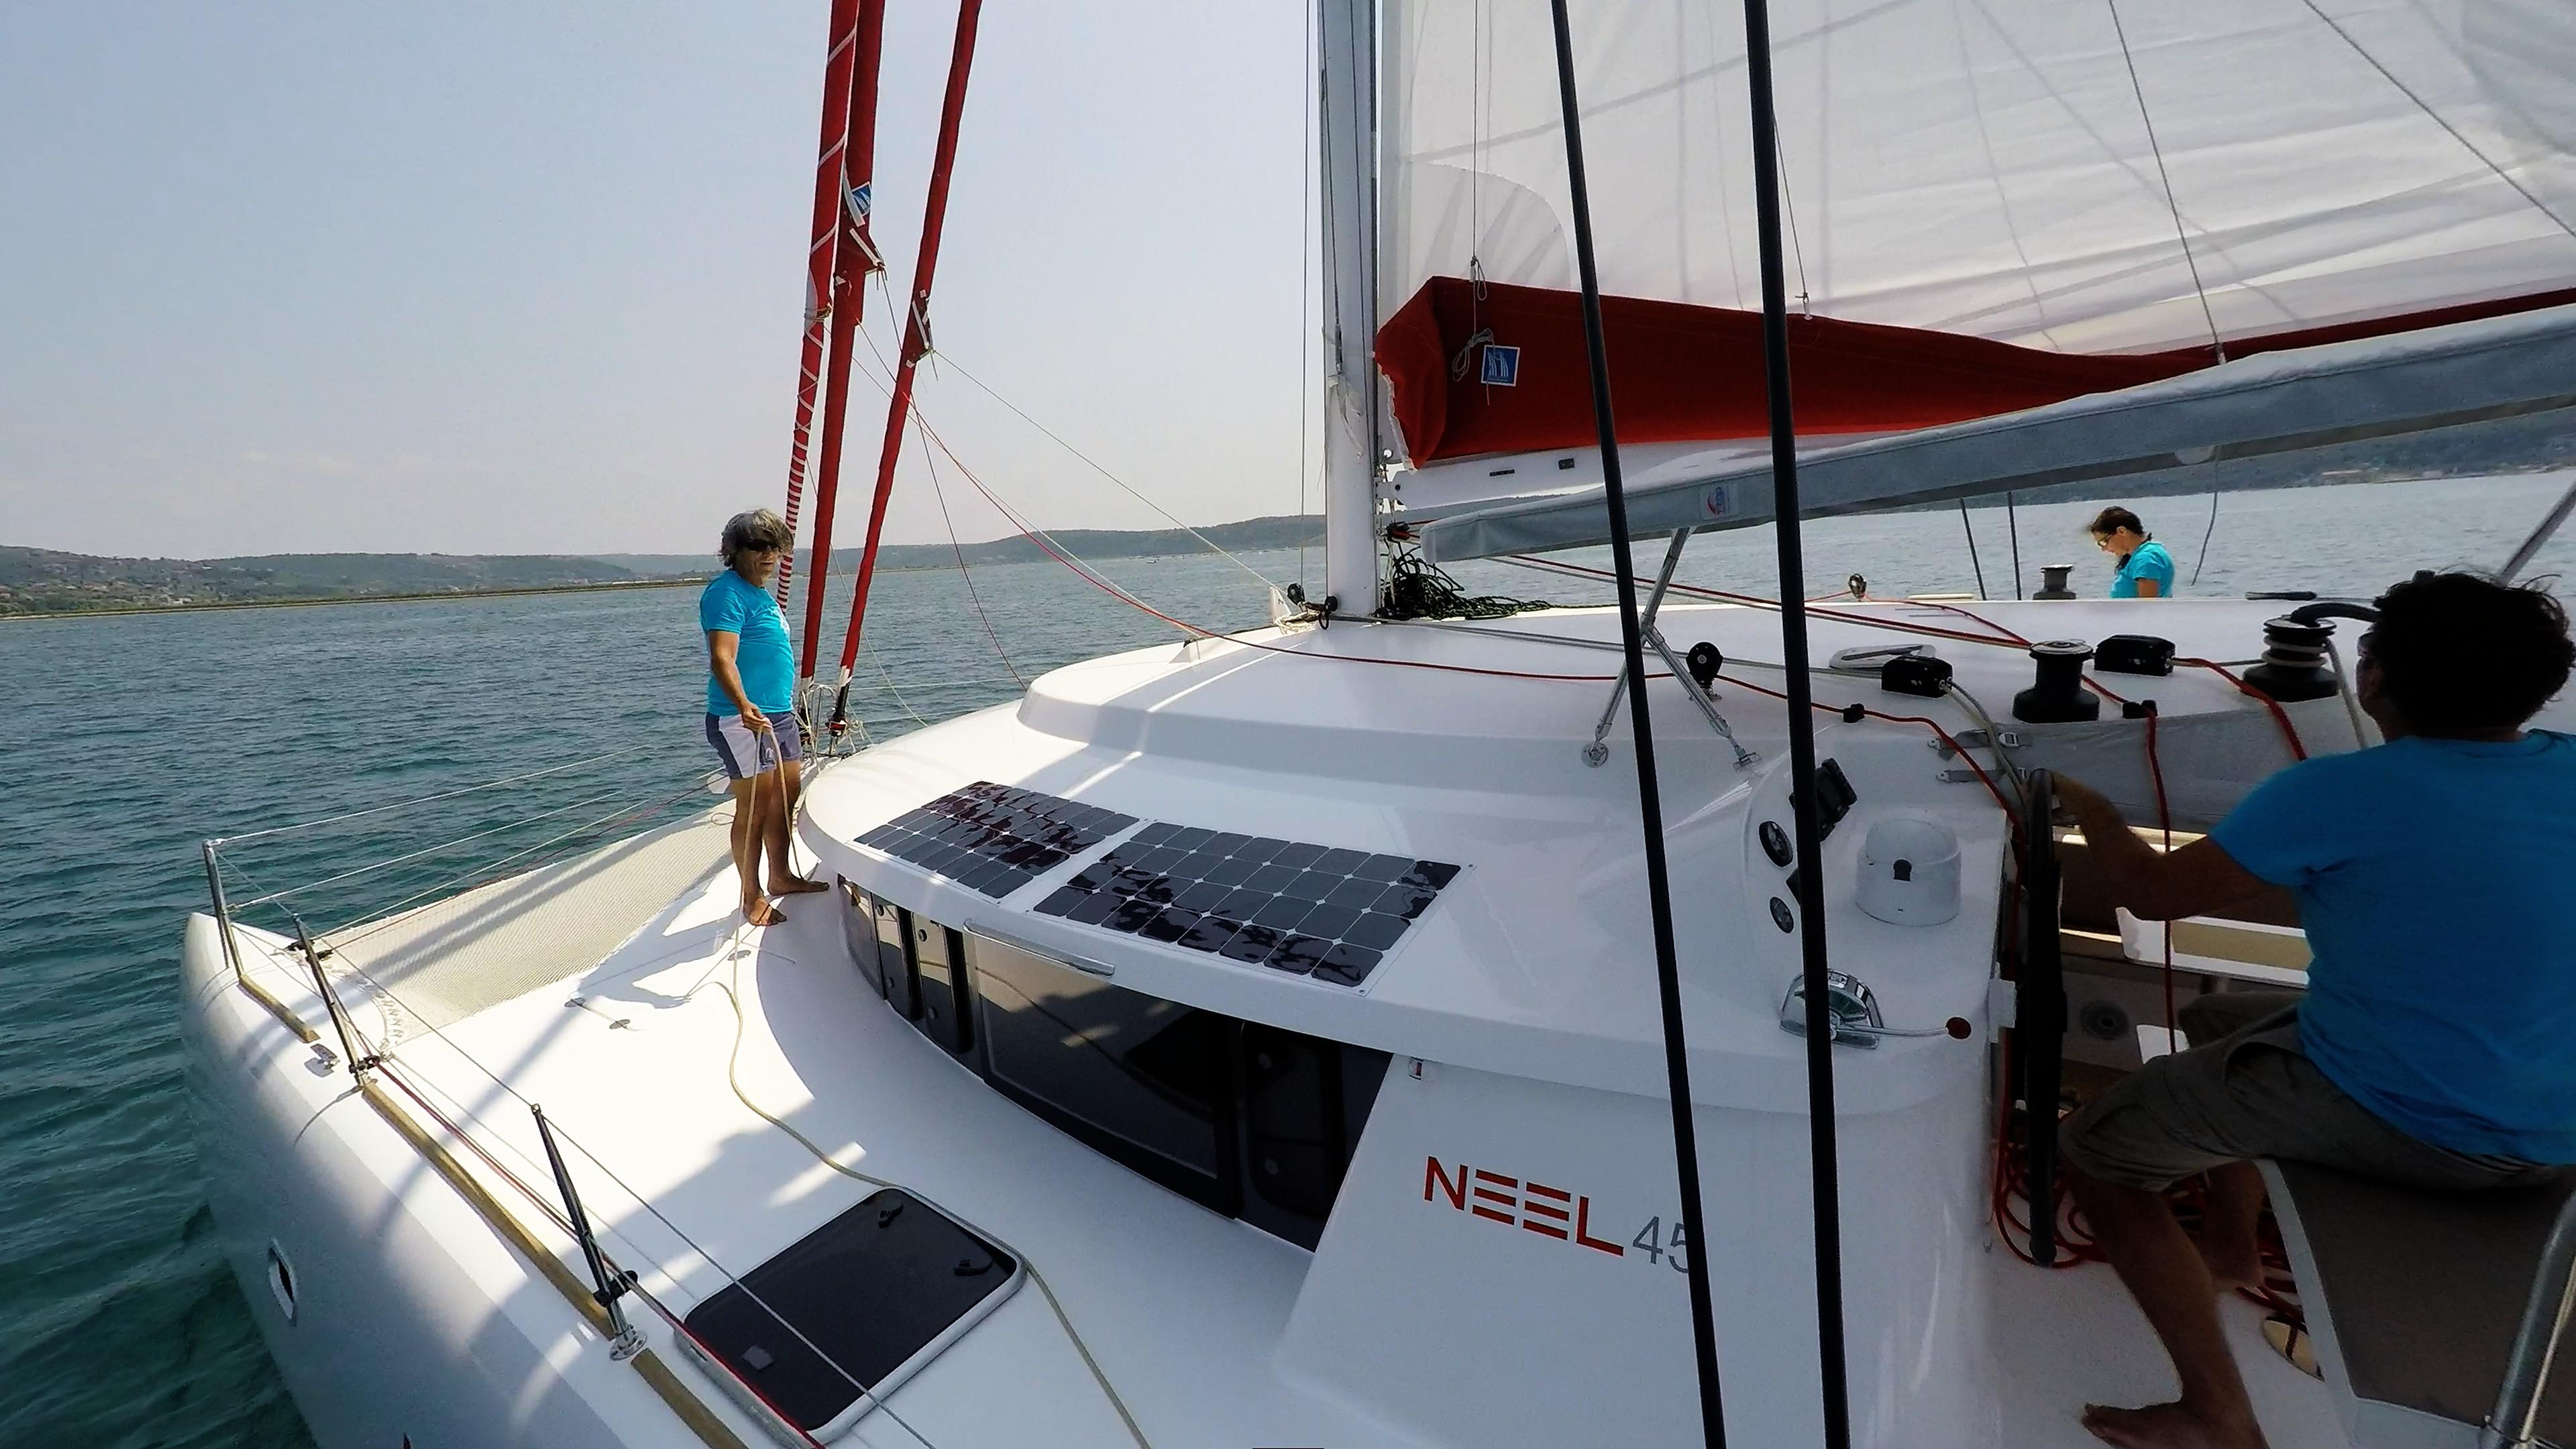 equipaggio sul coperta cockpit di trimarano  yacht neel 45